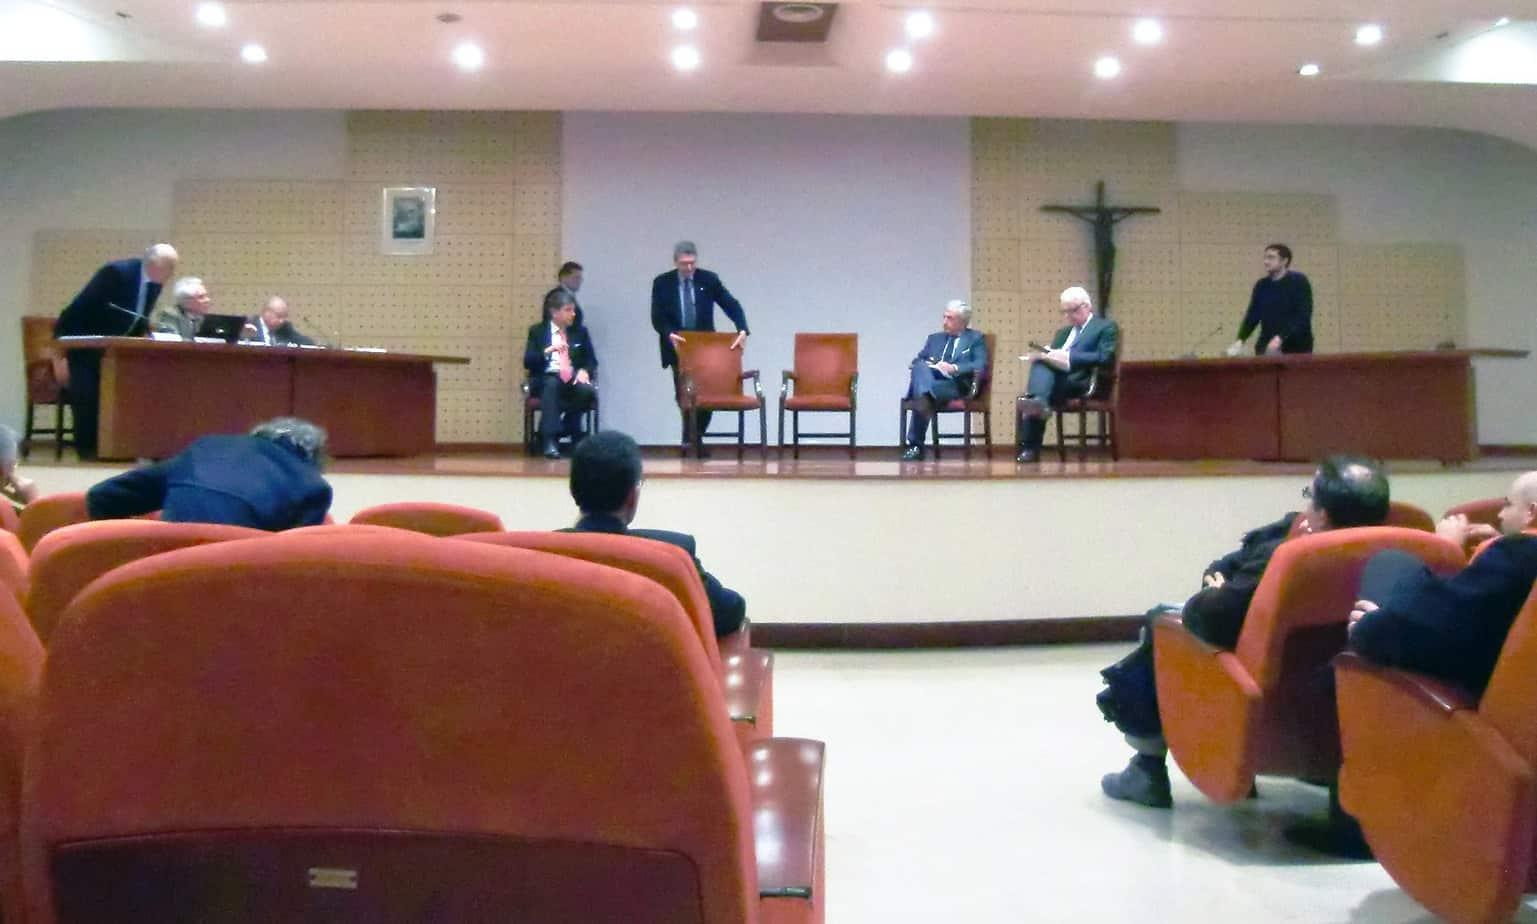 Un momento del dibattito conclusivo, moderato dall'Ing. Pellegatta (CNI)